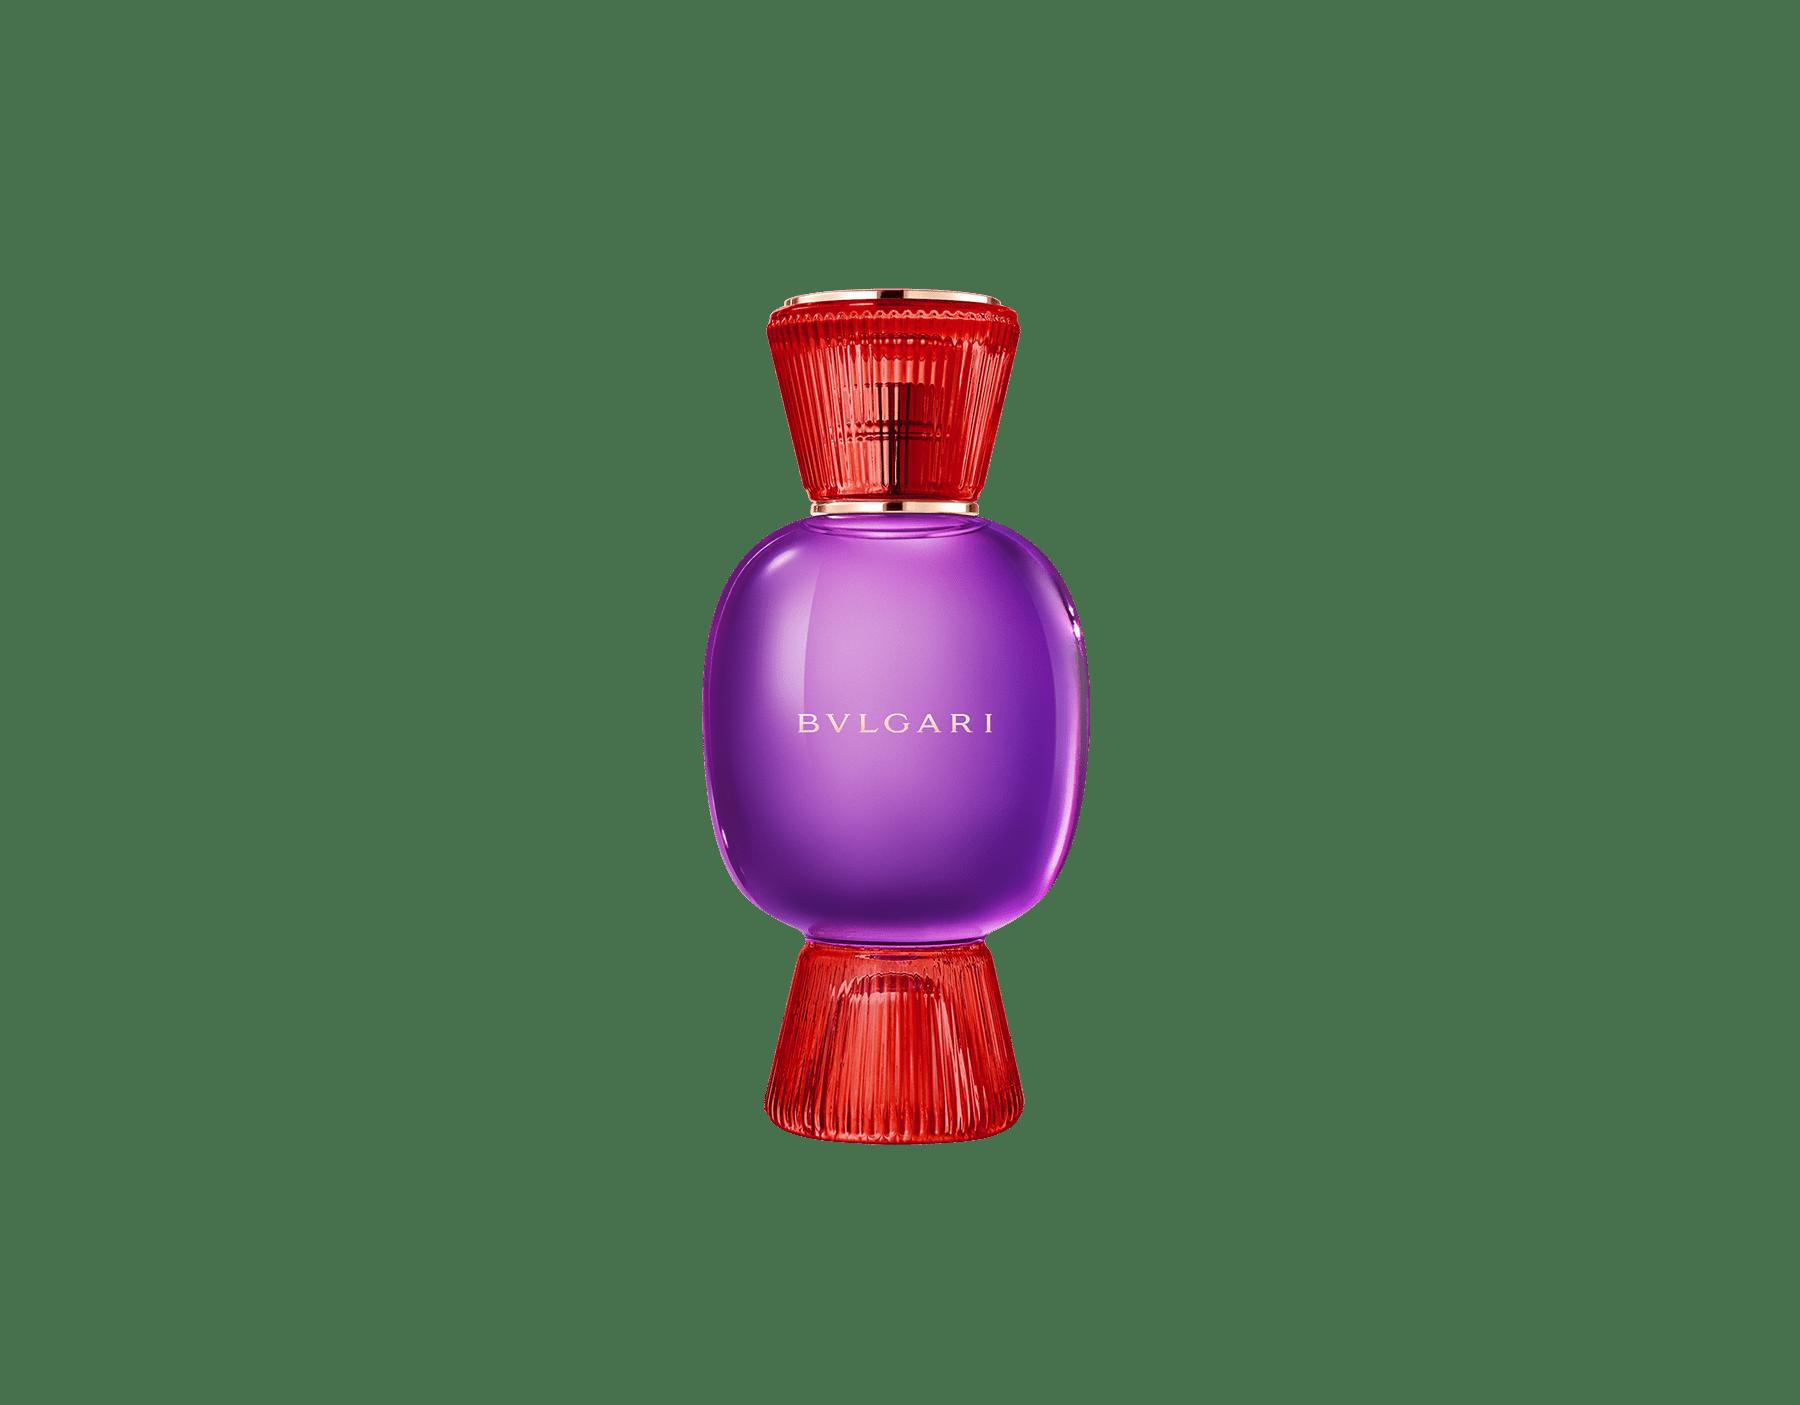 Un coffret de parfums exclusif, aussi unique et audacieux que vous. Chyprée et festive, l'Eau de Parfum Allegra Fantasia Veneta se mêle à la sensualité puissante de l'essence du Magnifying Patchouli pour donner vie à une irrésistible fragrance personnalisée. Perfume-Set-Fantasia-Veneta-Eau-de-Parfum-and-Patchouli-Magnifying image 2